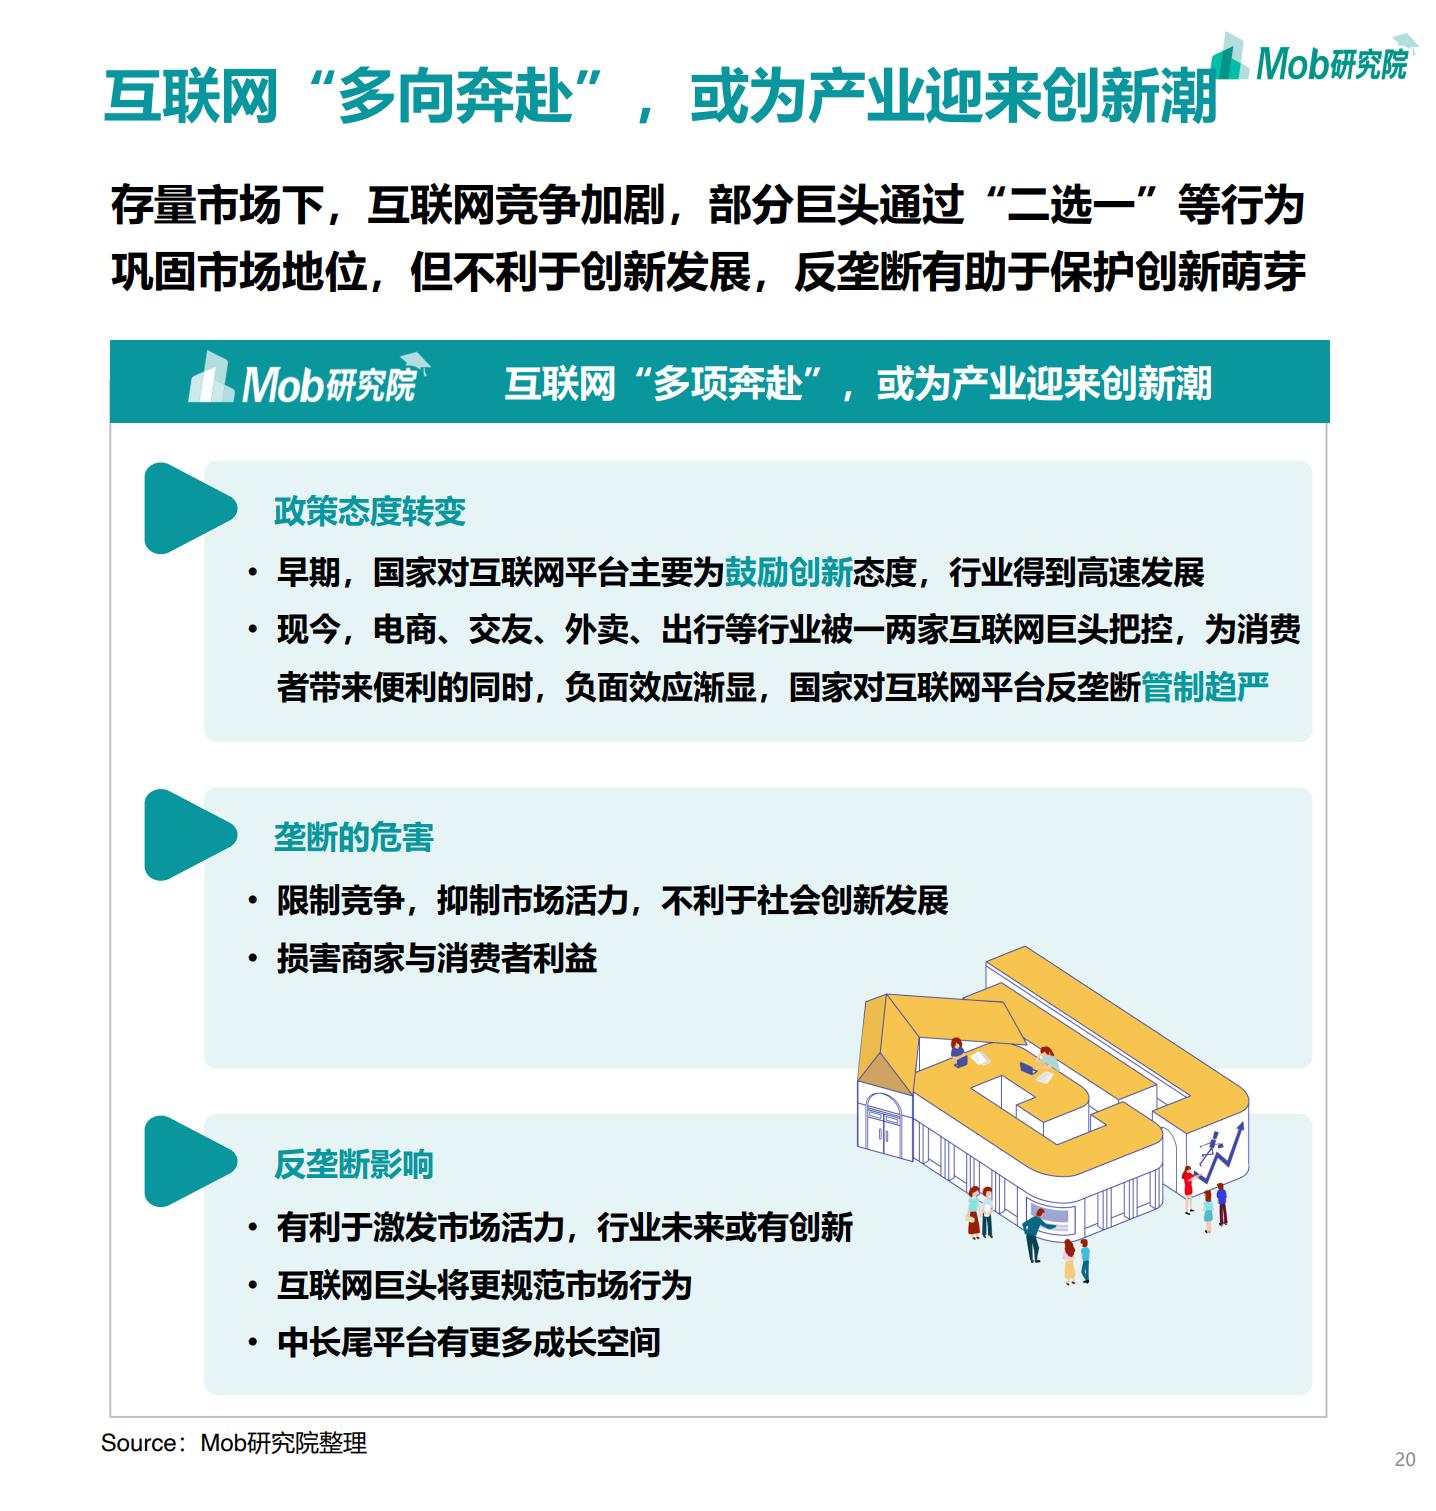 2021年中国移动互联网半年度大报告插图19